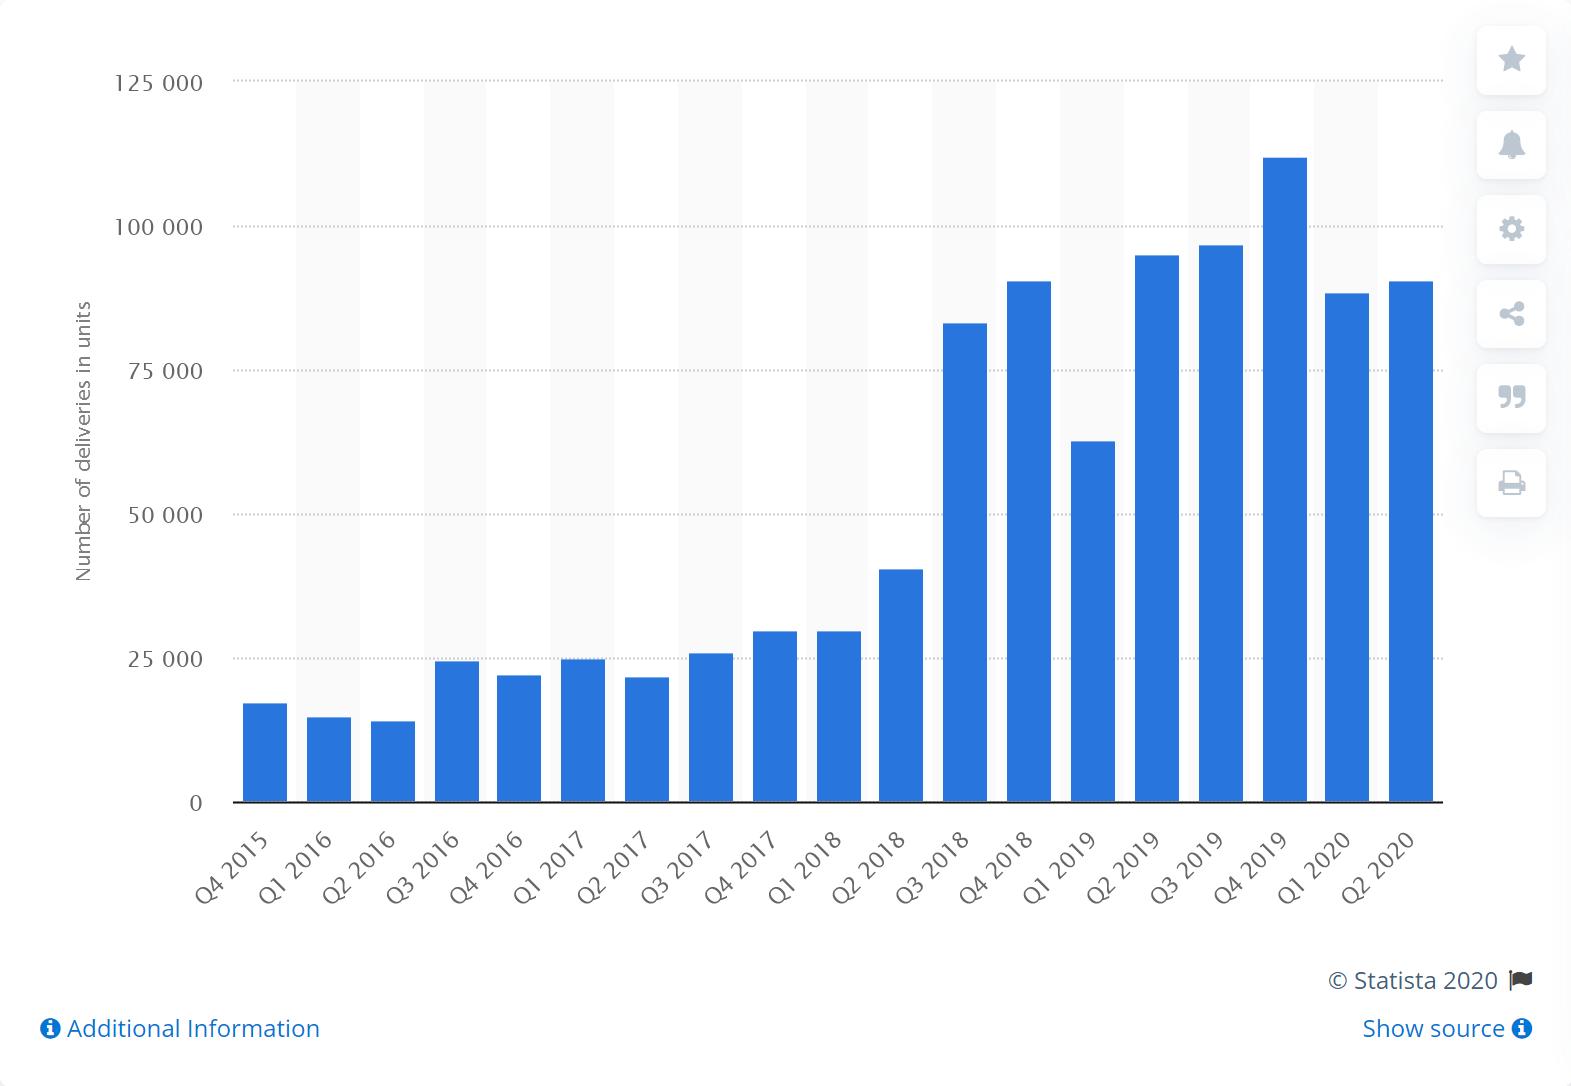 Screenshot_2020-09-18 Tesla vehicle deliveries by quarter 2020 Statista.png